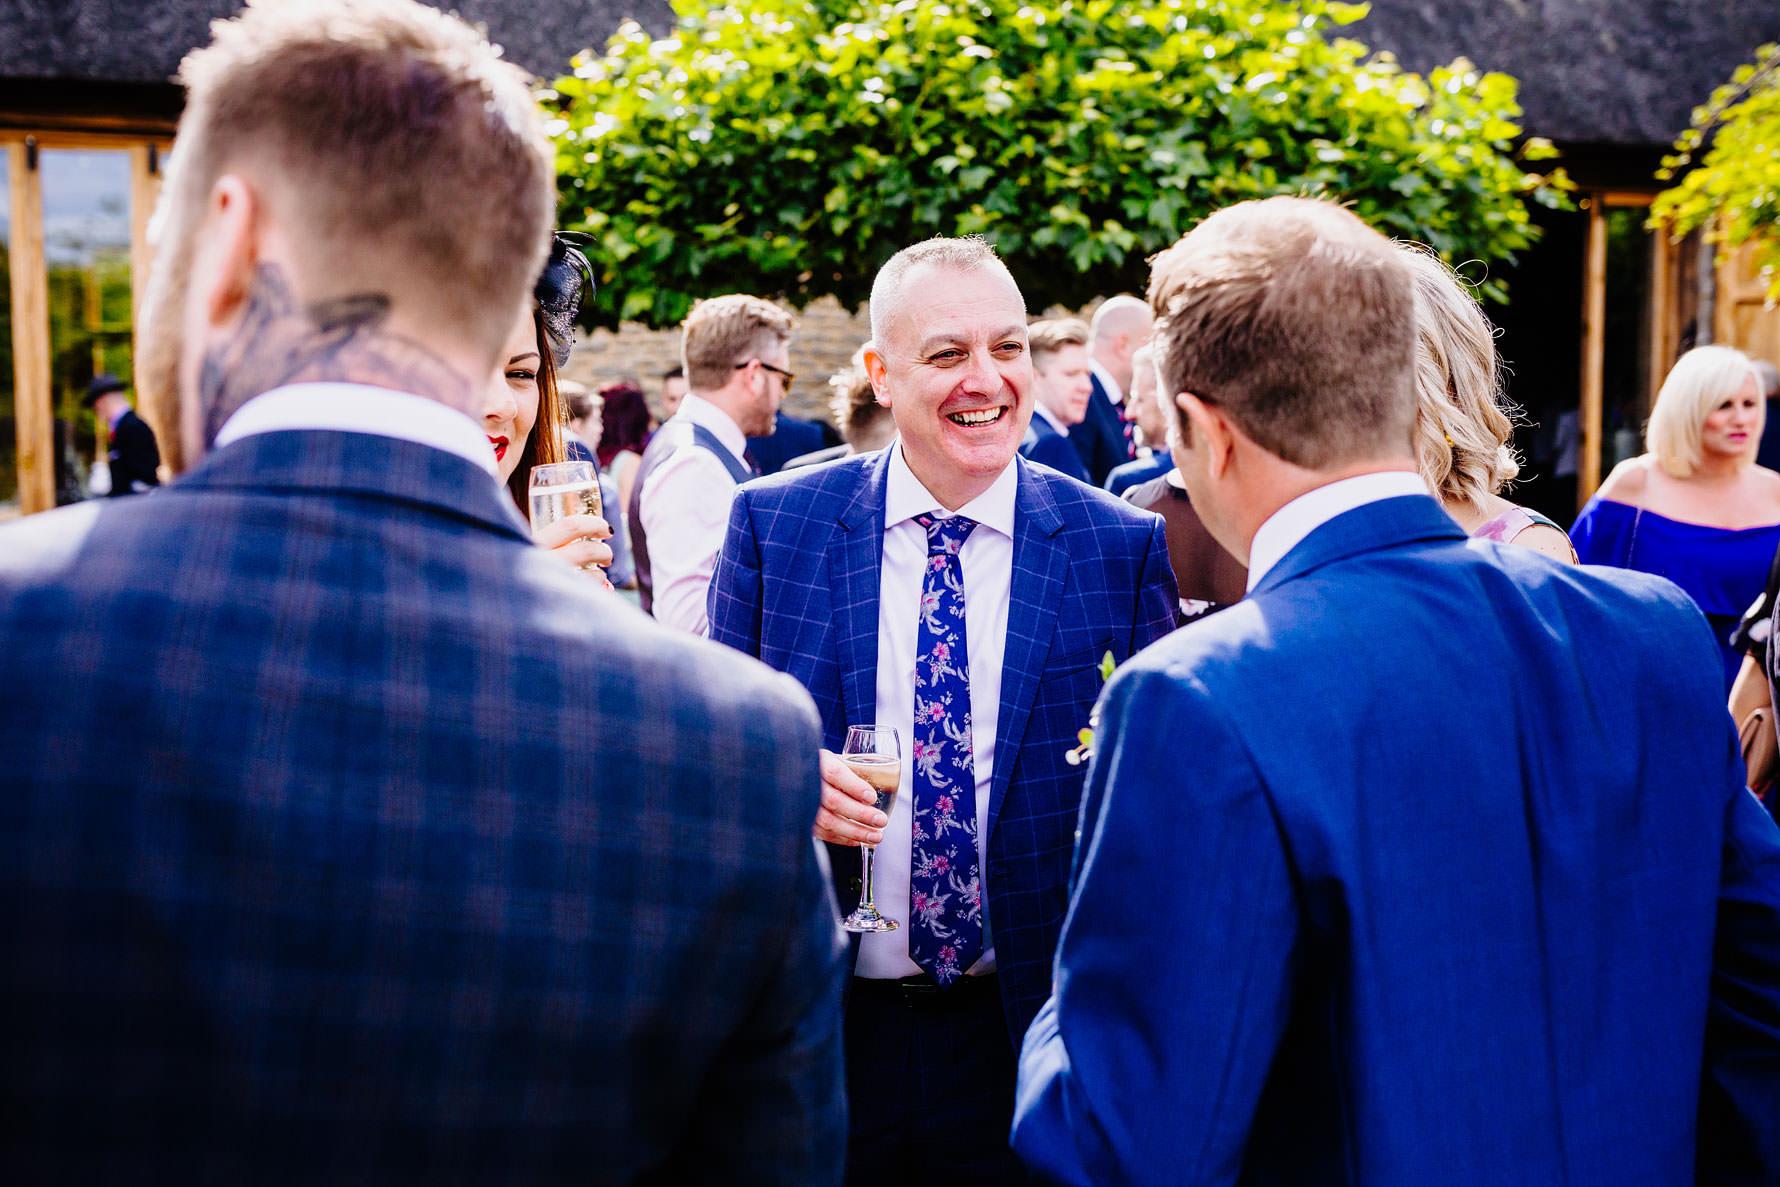 guest enjoying a wedding